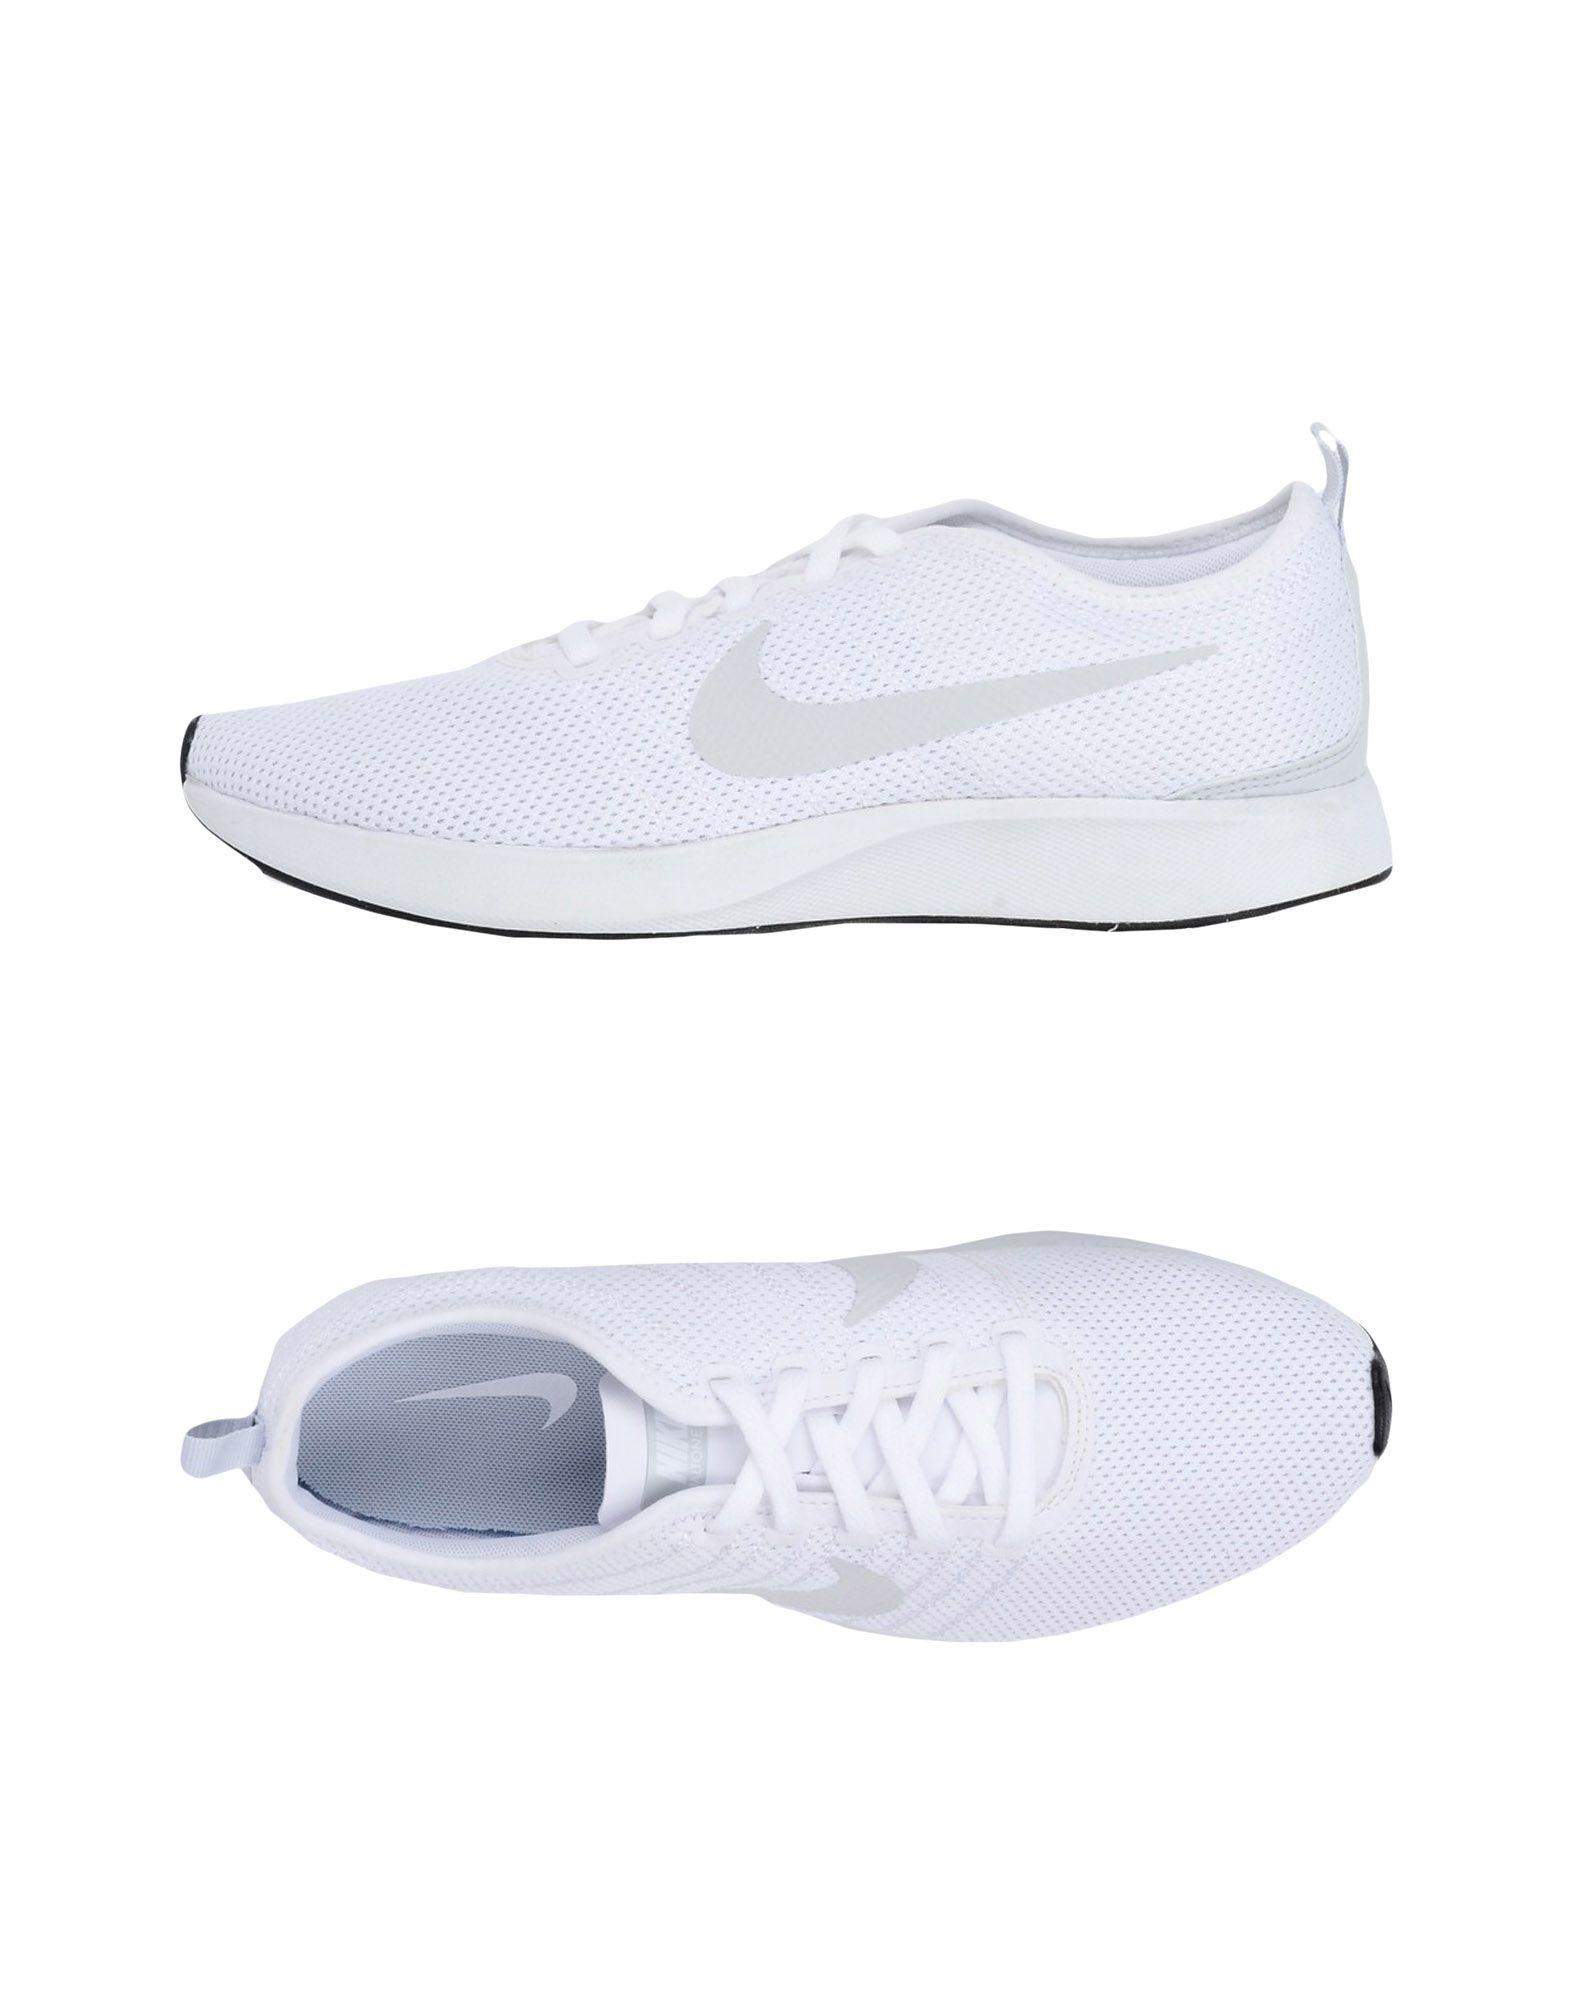 Scarpe da Ginnastica Nike   Donna  Dualtone Racer - Donna  - 11325495KT 154e67